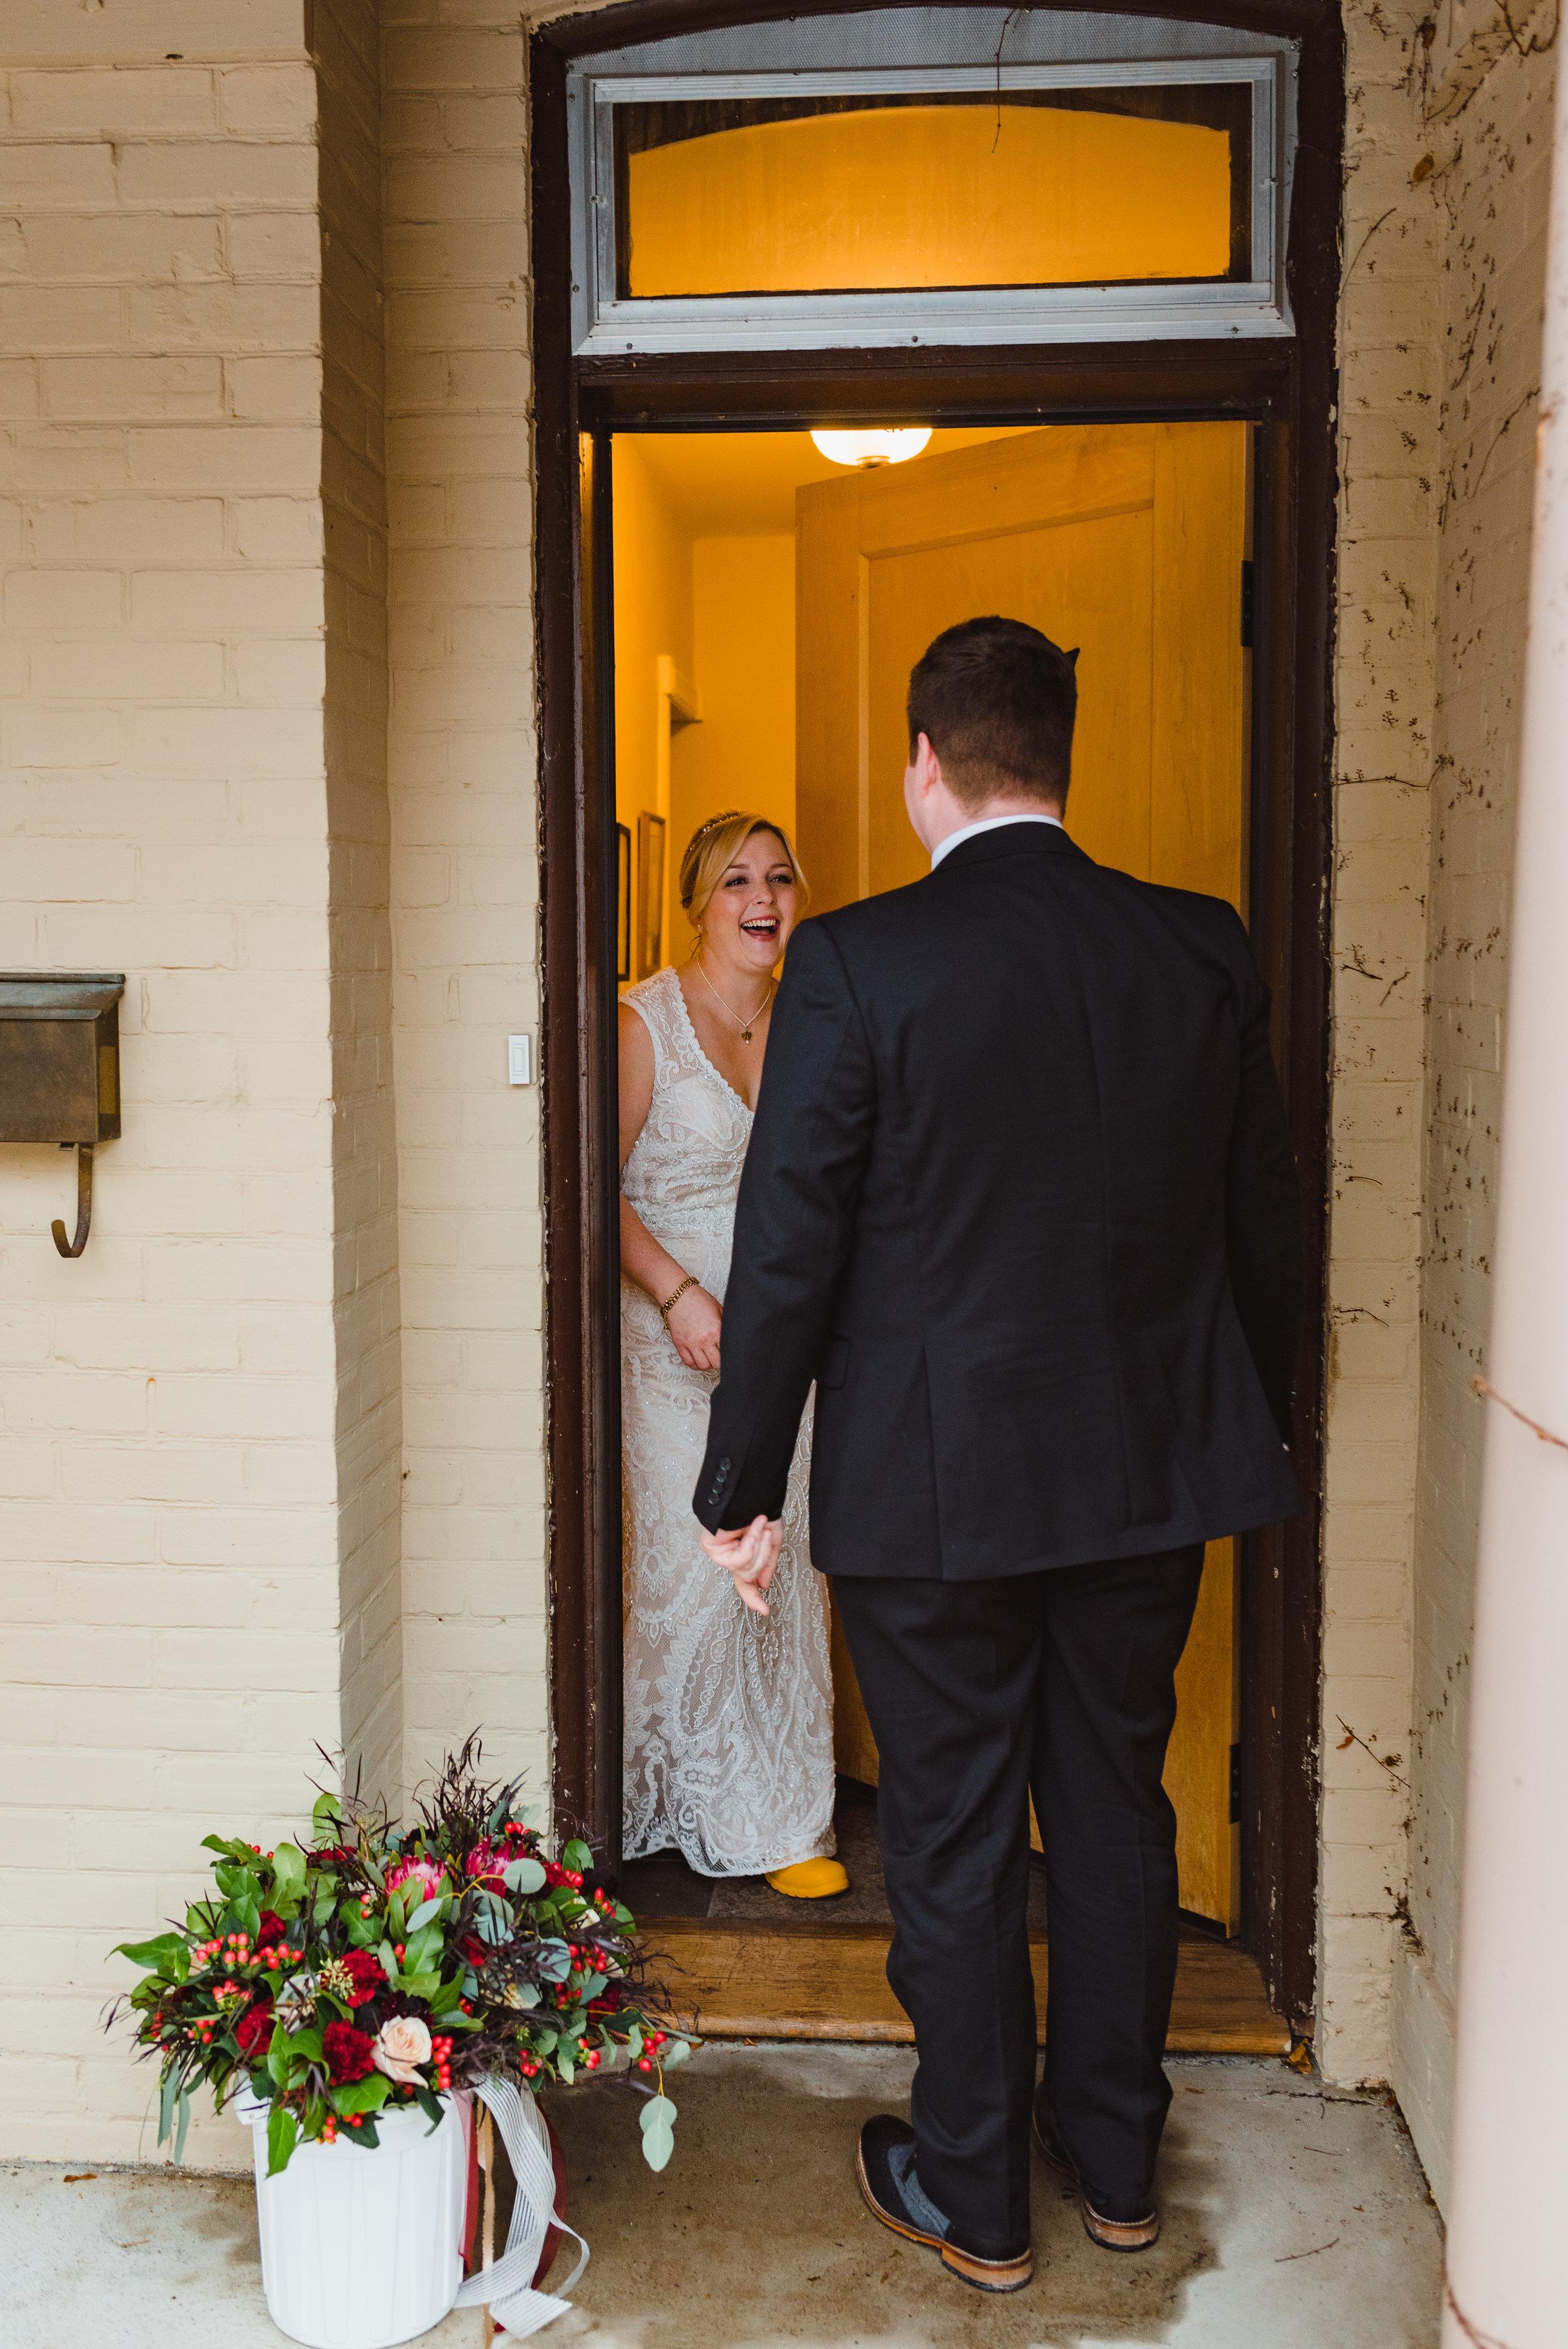 bride opens yellow door to see groom standing before her Canadian Canoe Museum